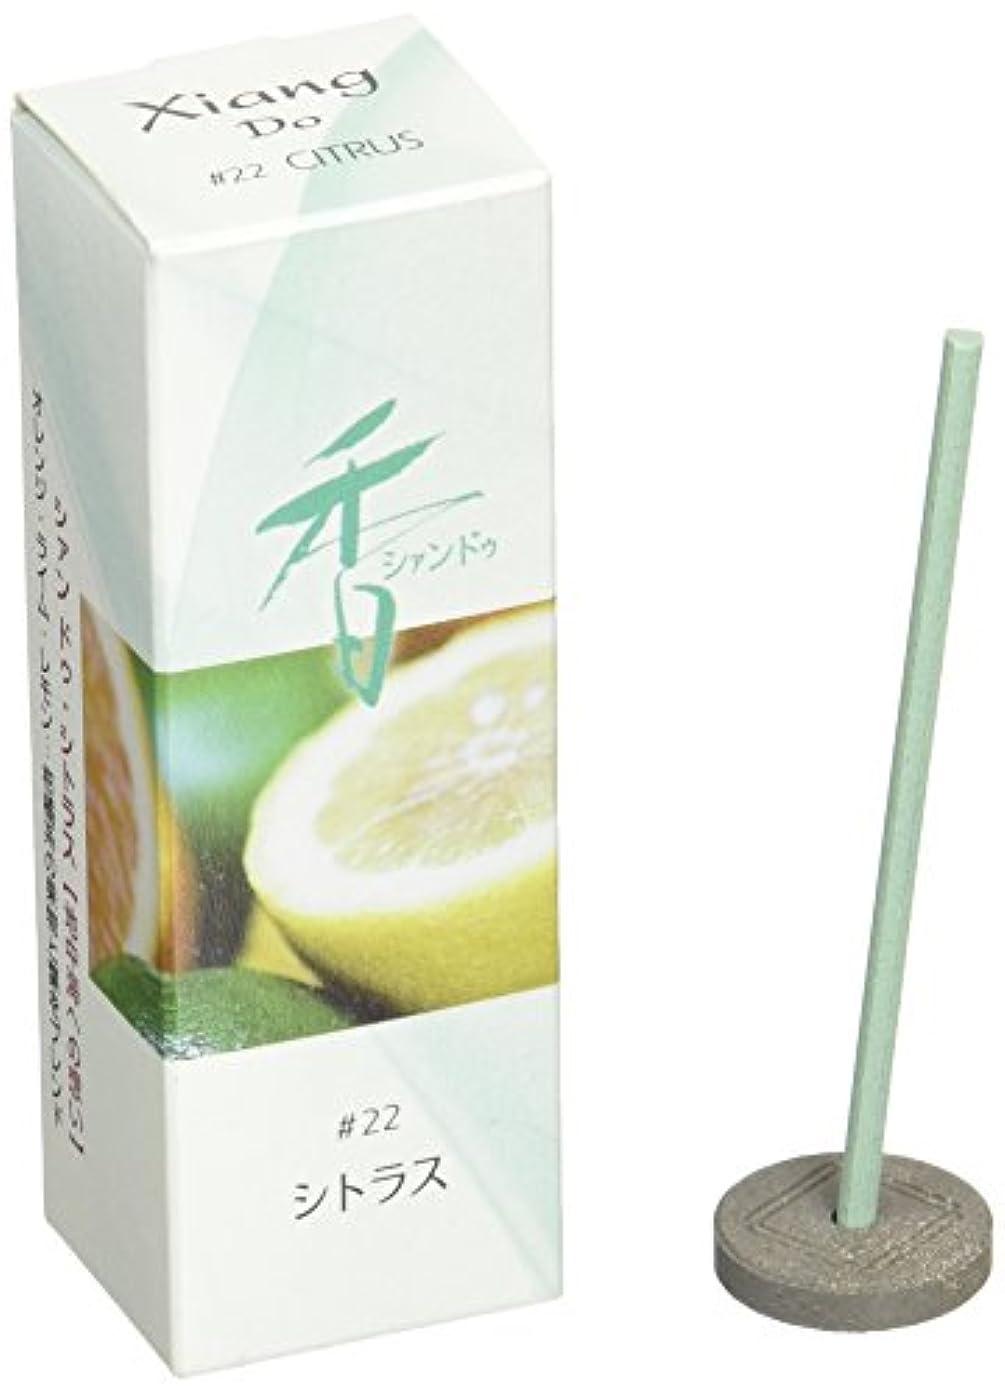 変動する一口エピソード松栄堂のお香 Xiang Do(シャンドゥ) シトラス ST20本入 簡易香立付 #214222